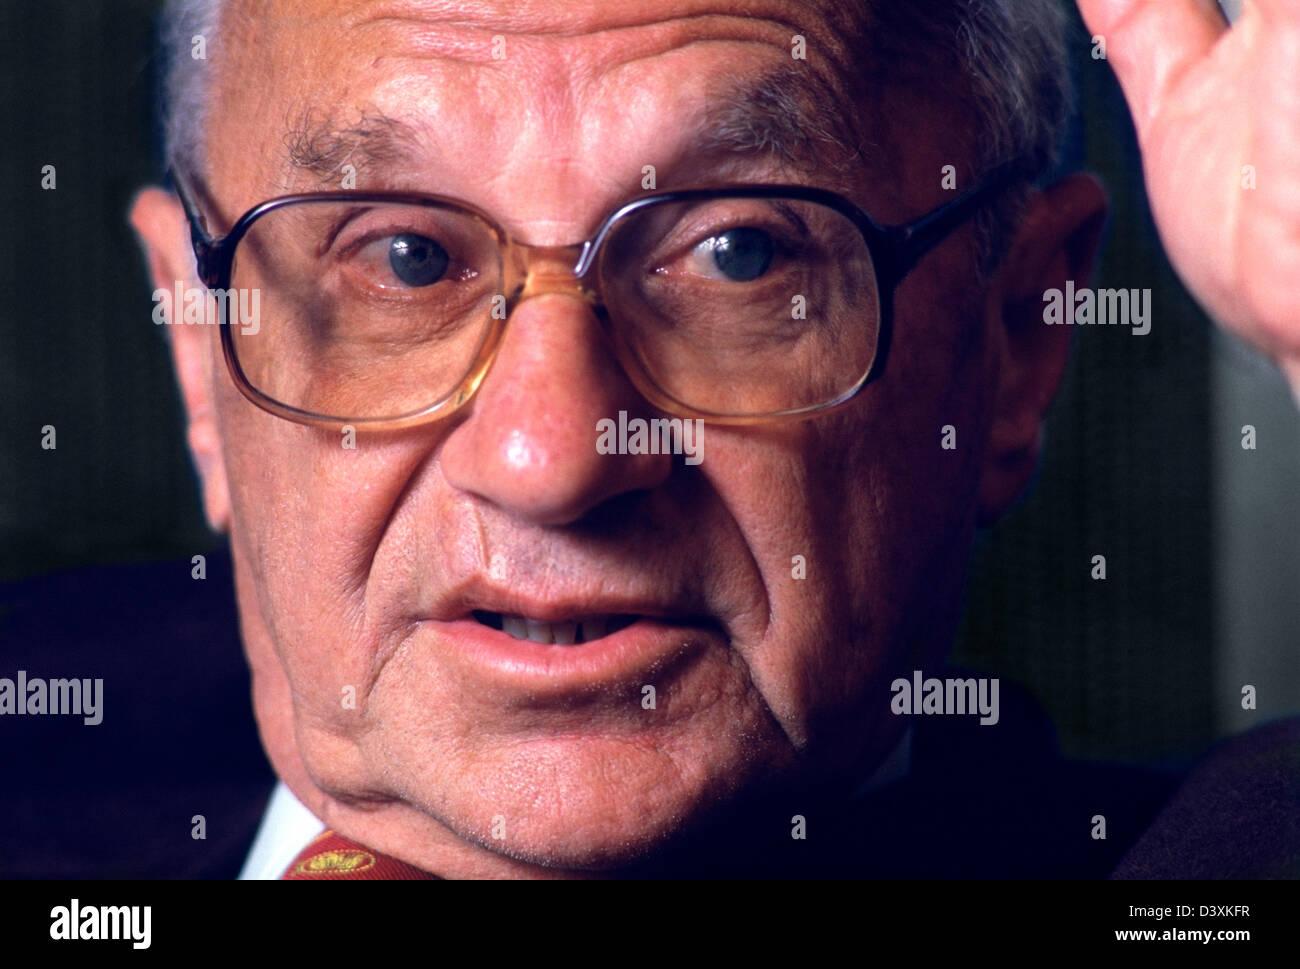 Milton Friedman (1912-2006) der 1976 amerikanischen Nobelpreisträger für Wirtschaftswissenschaften.  Fotografiert Stockbild